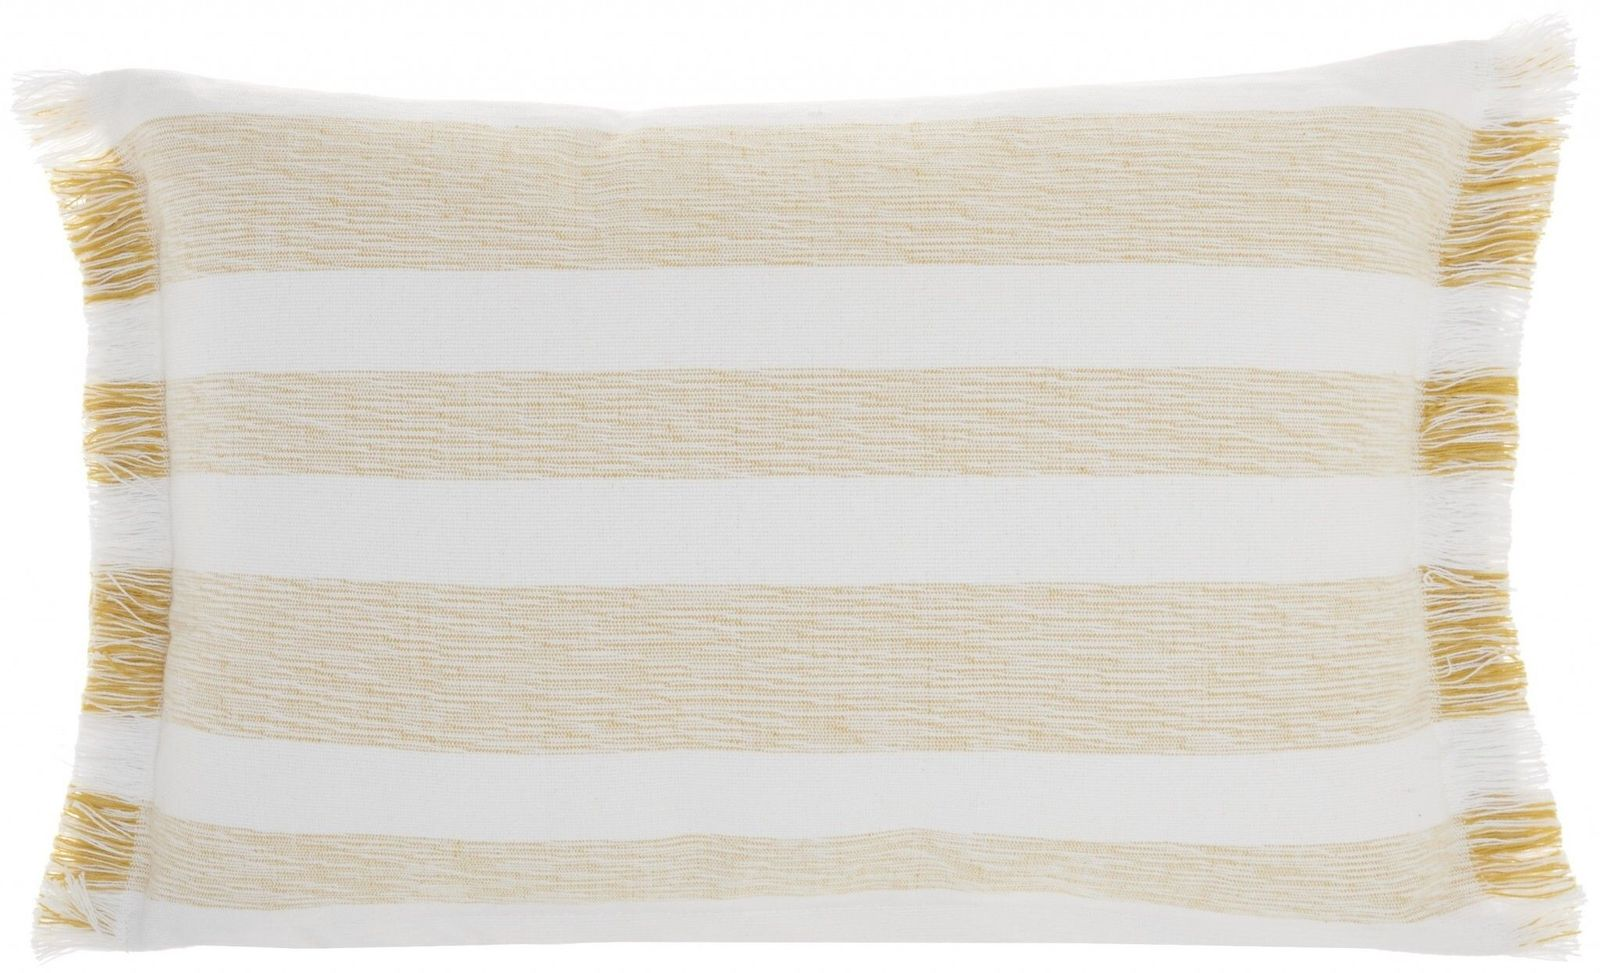 Yellow and white Stripes Lumbar Throw Pillow - $32.17